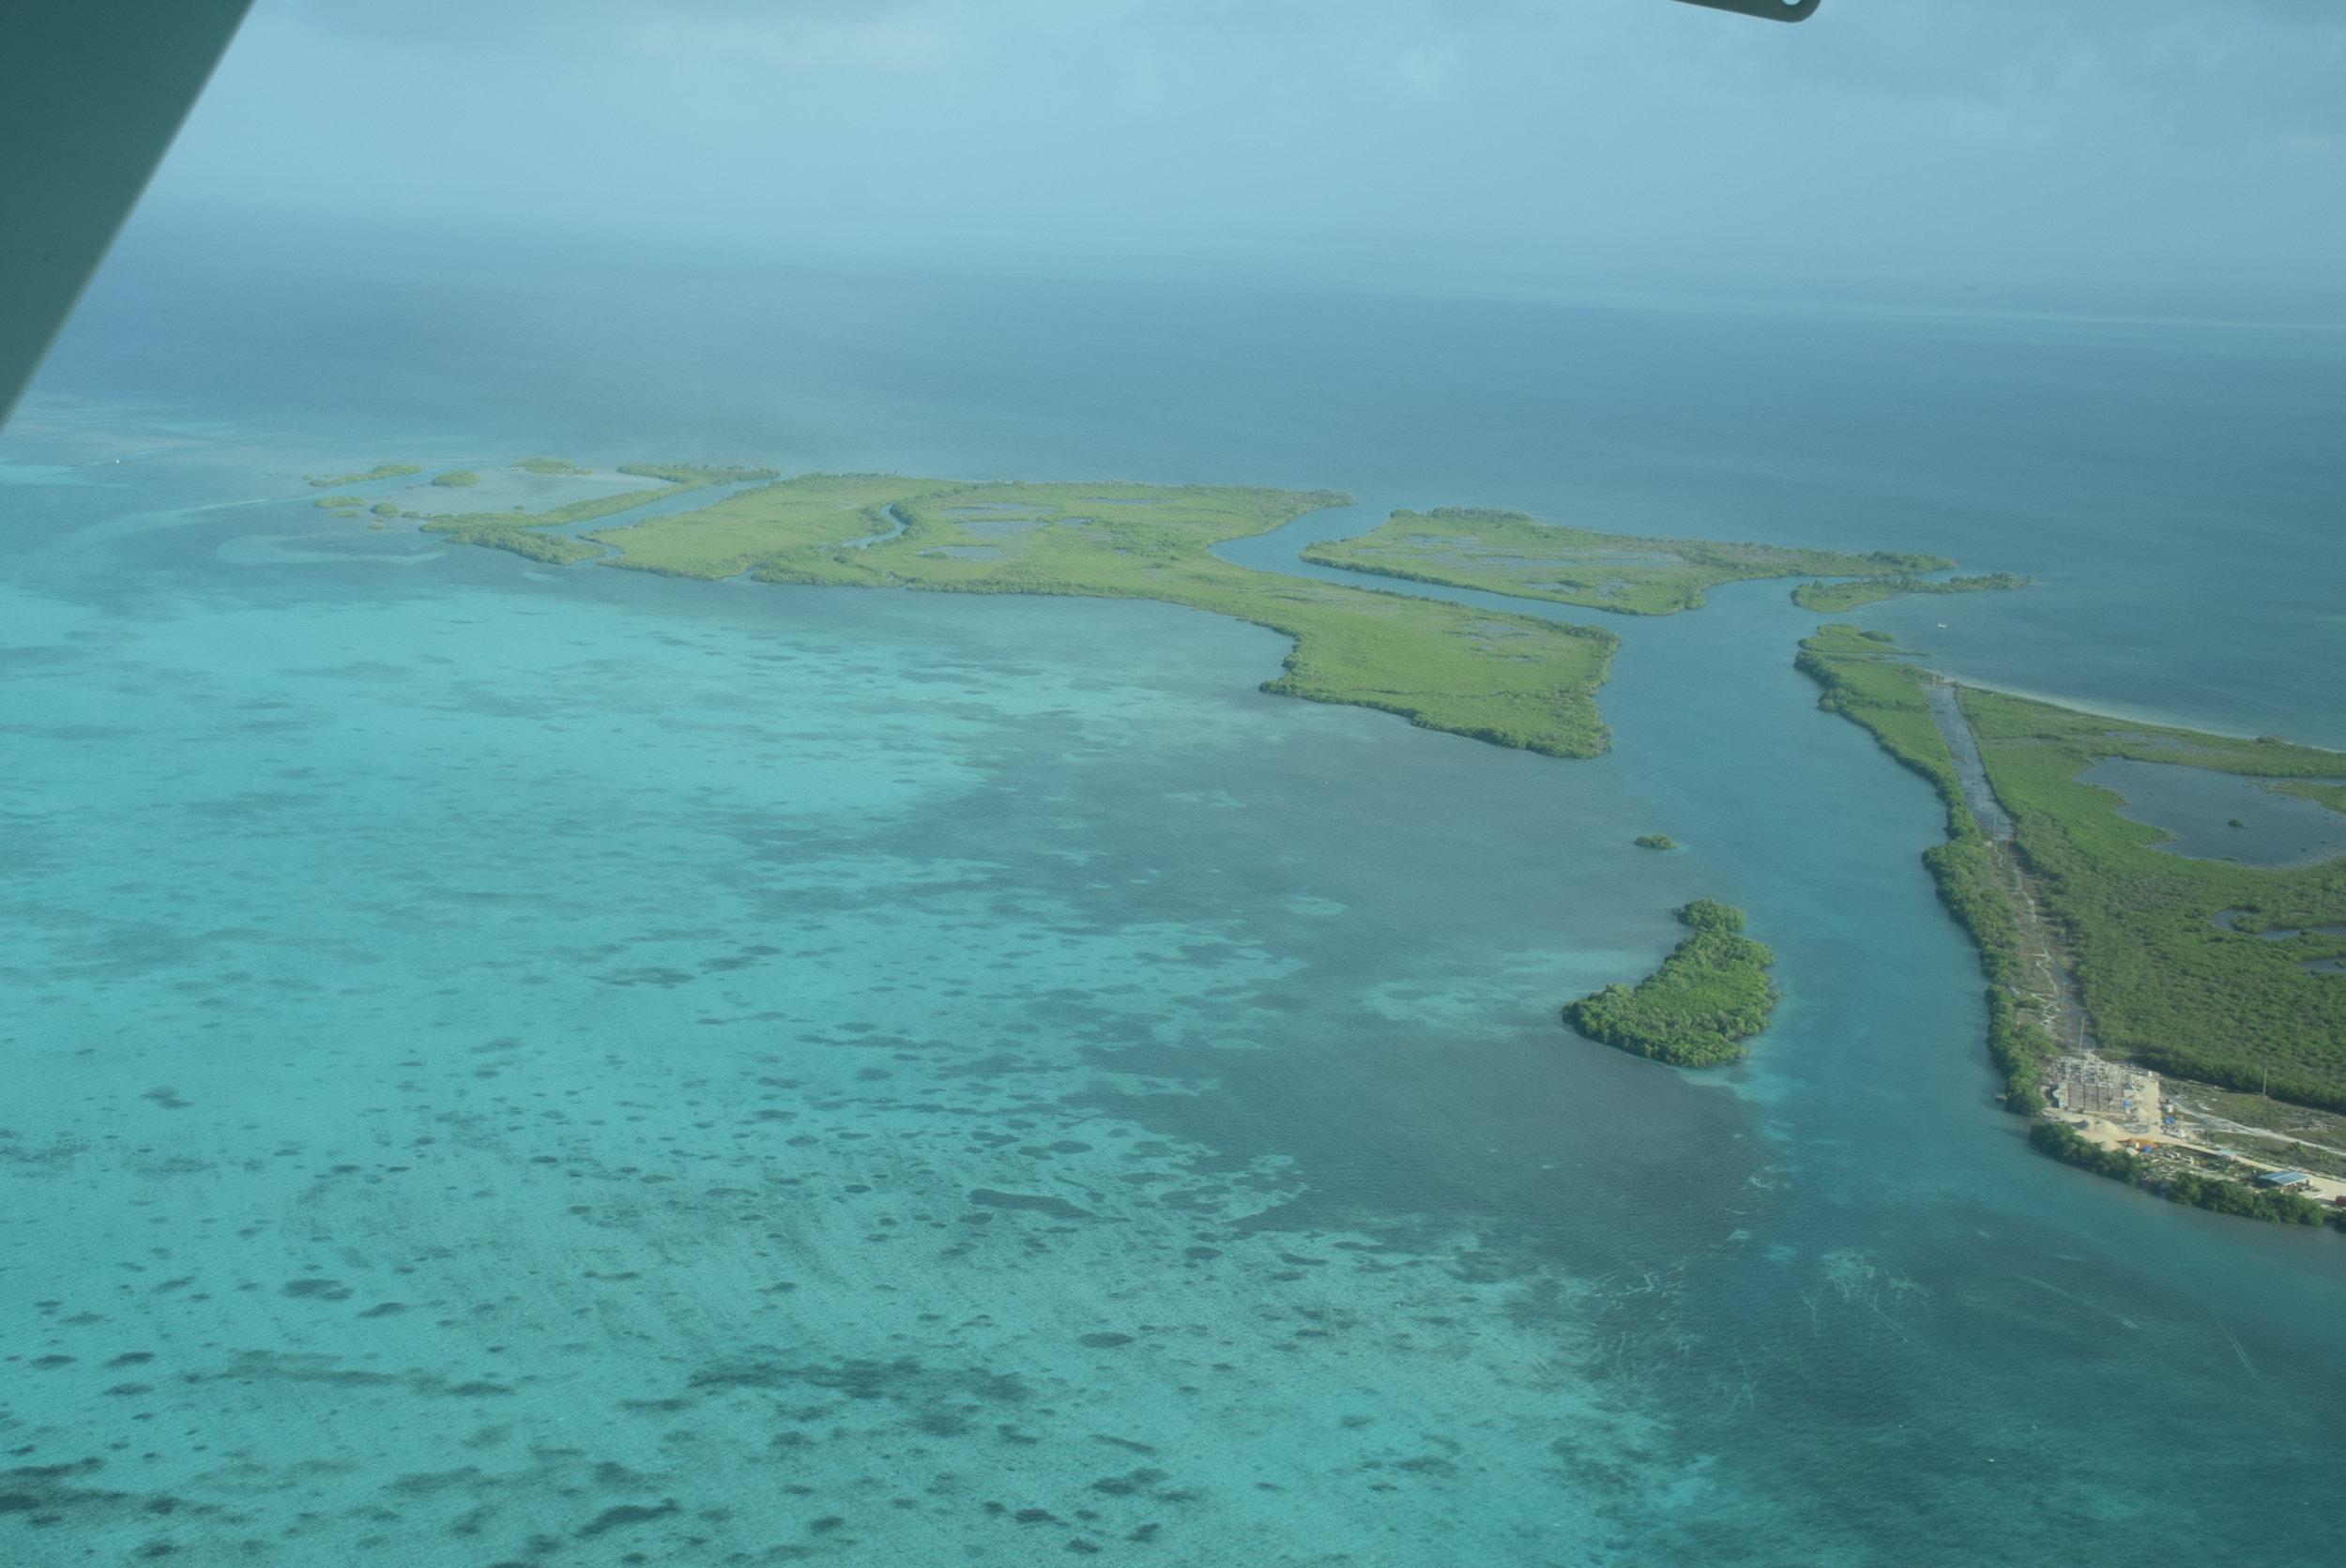 Flying over Belize